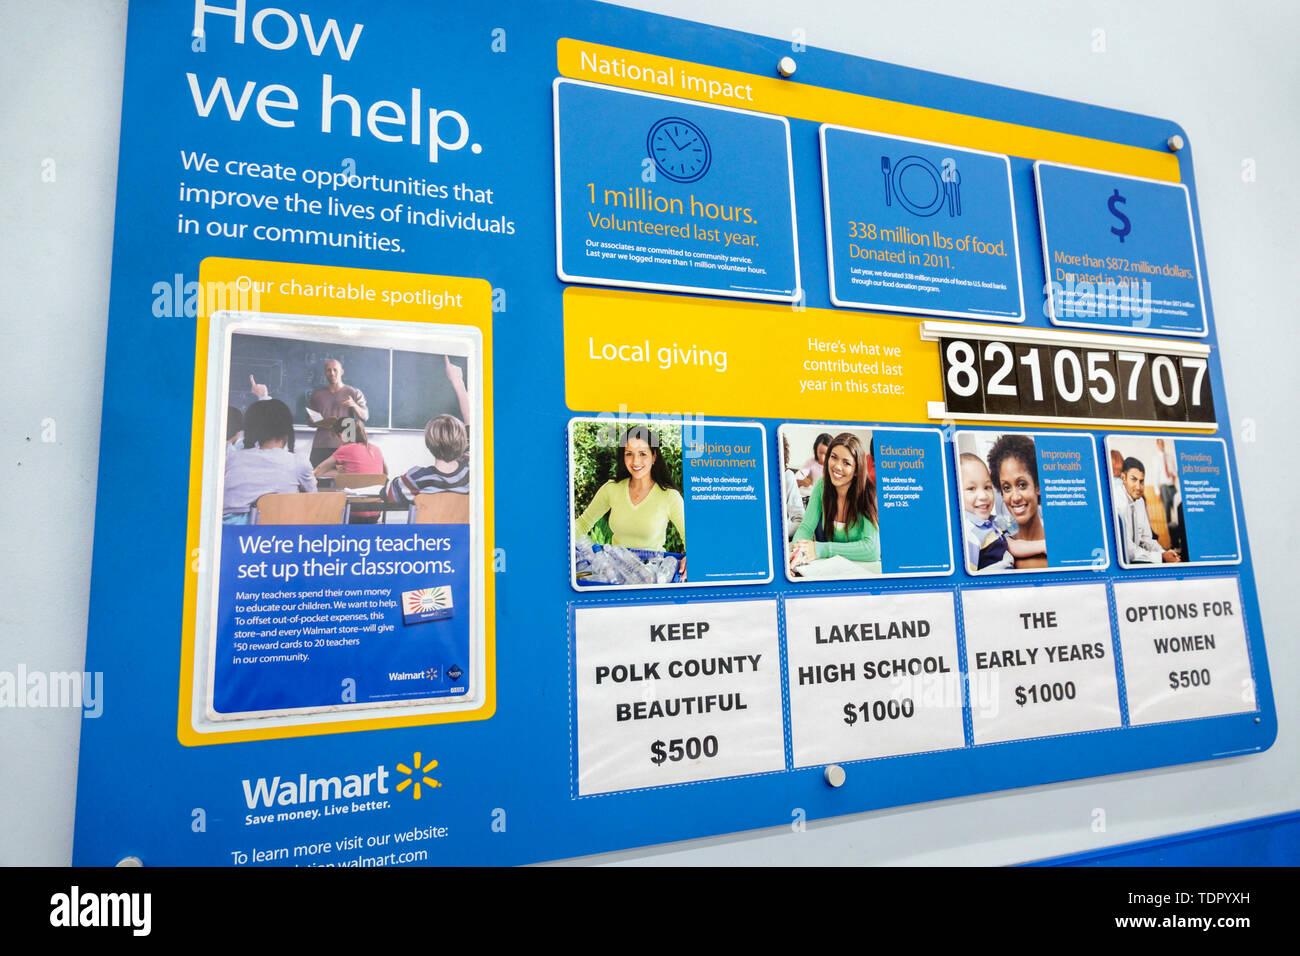 Walmart Employee Stock Photos & Walmart Employee Stock Images - Alamy